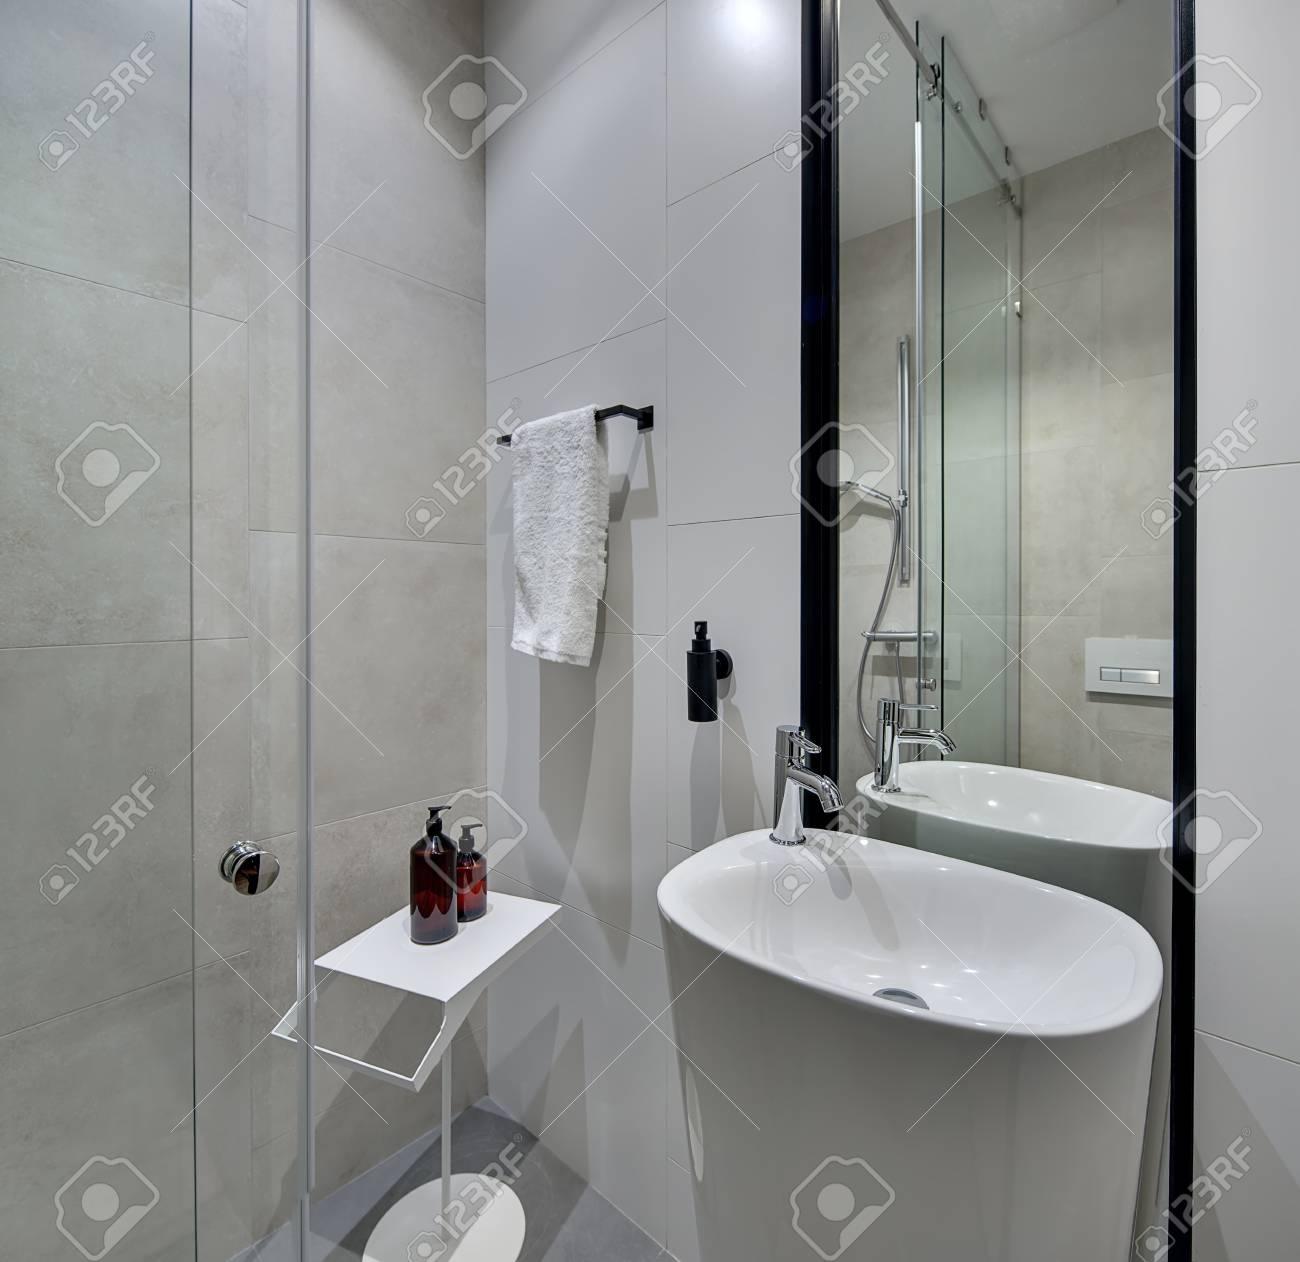 Bagno Moderno E Luminoso Con Piastrelle Bianche E Crema Sulle Pareti